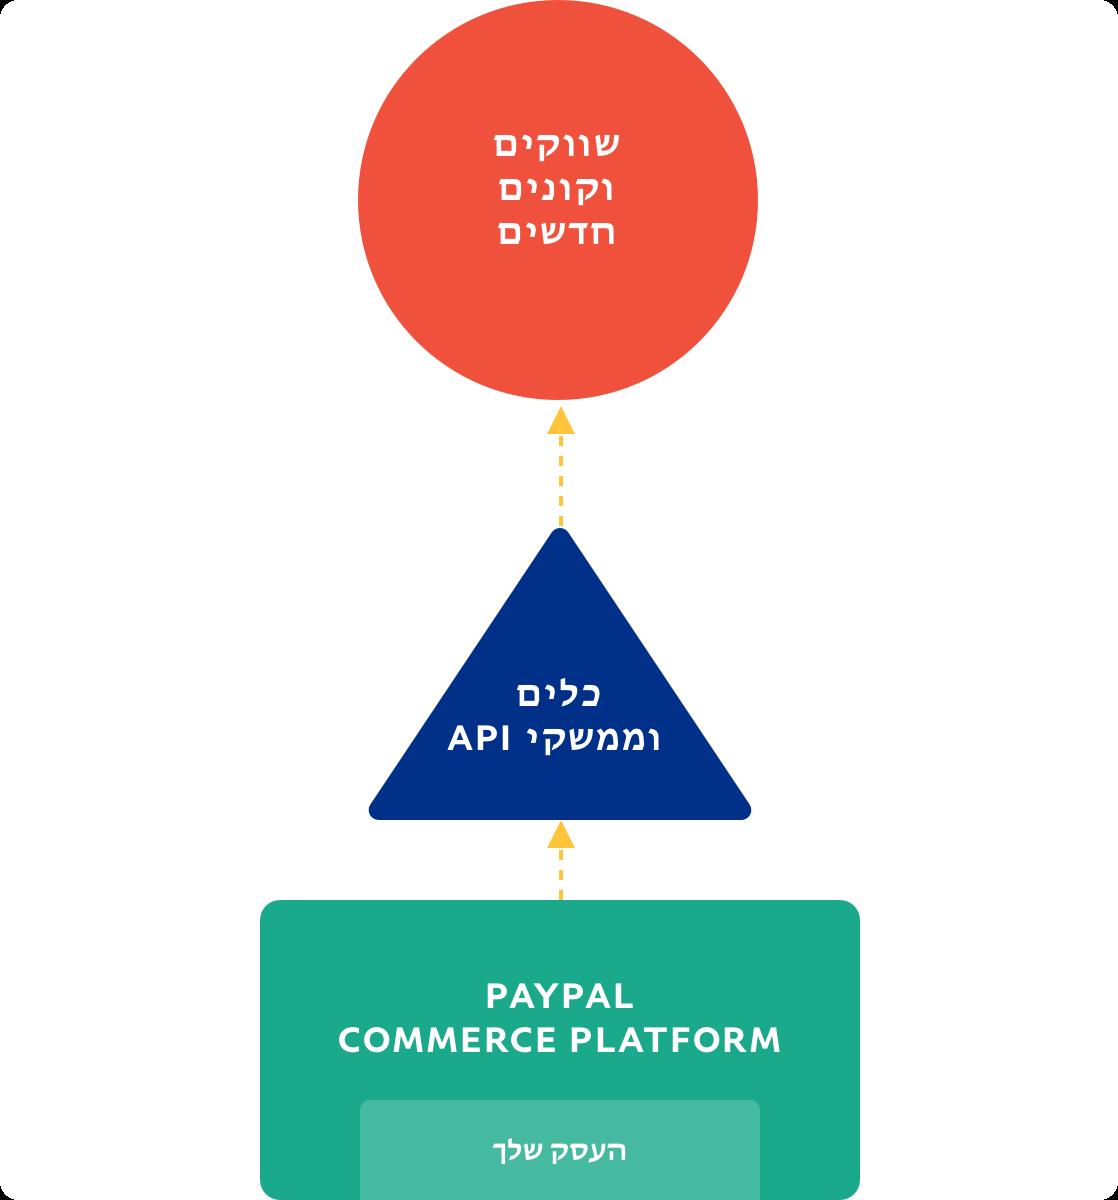 תרשים זרימה המתאר תהליך התרחבות של עסקים לשווקים וקונים חדשים.